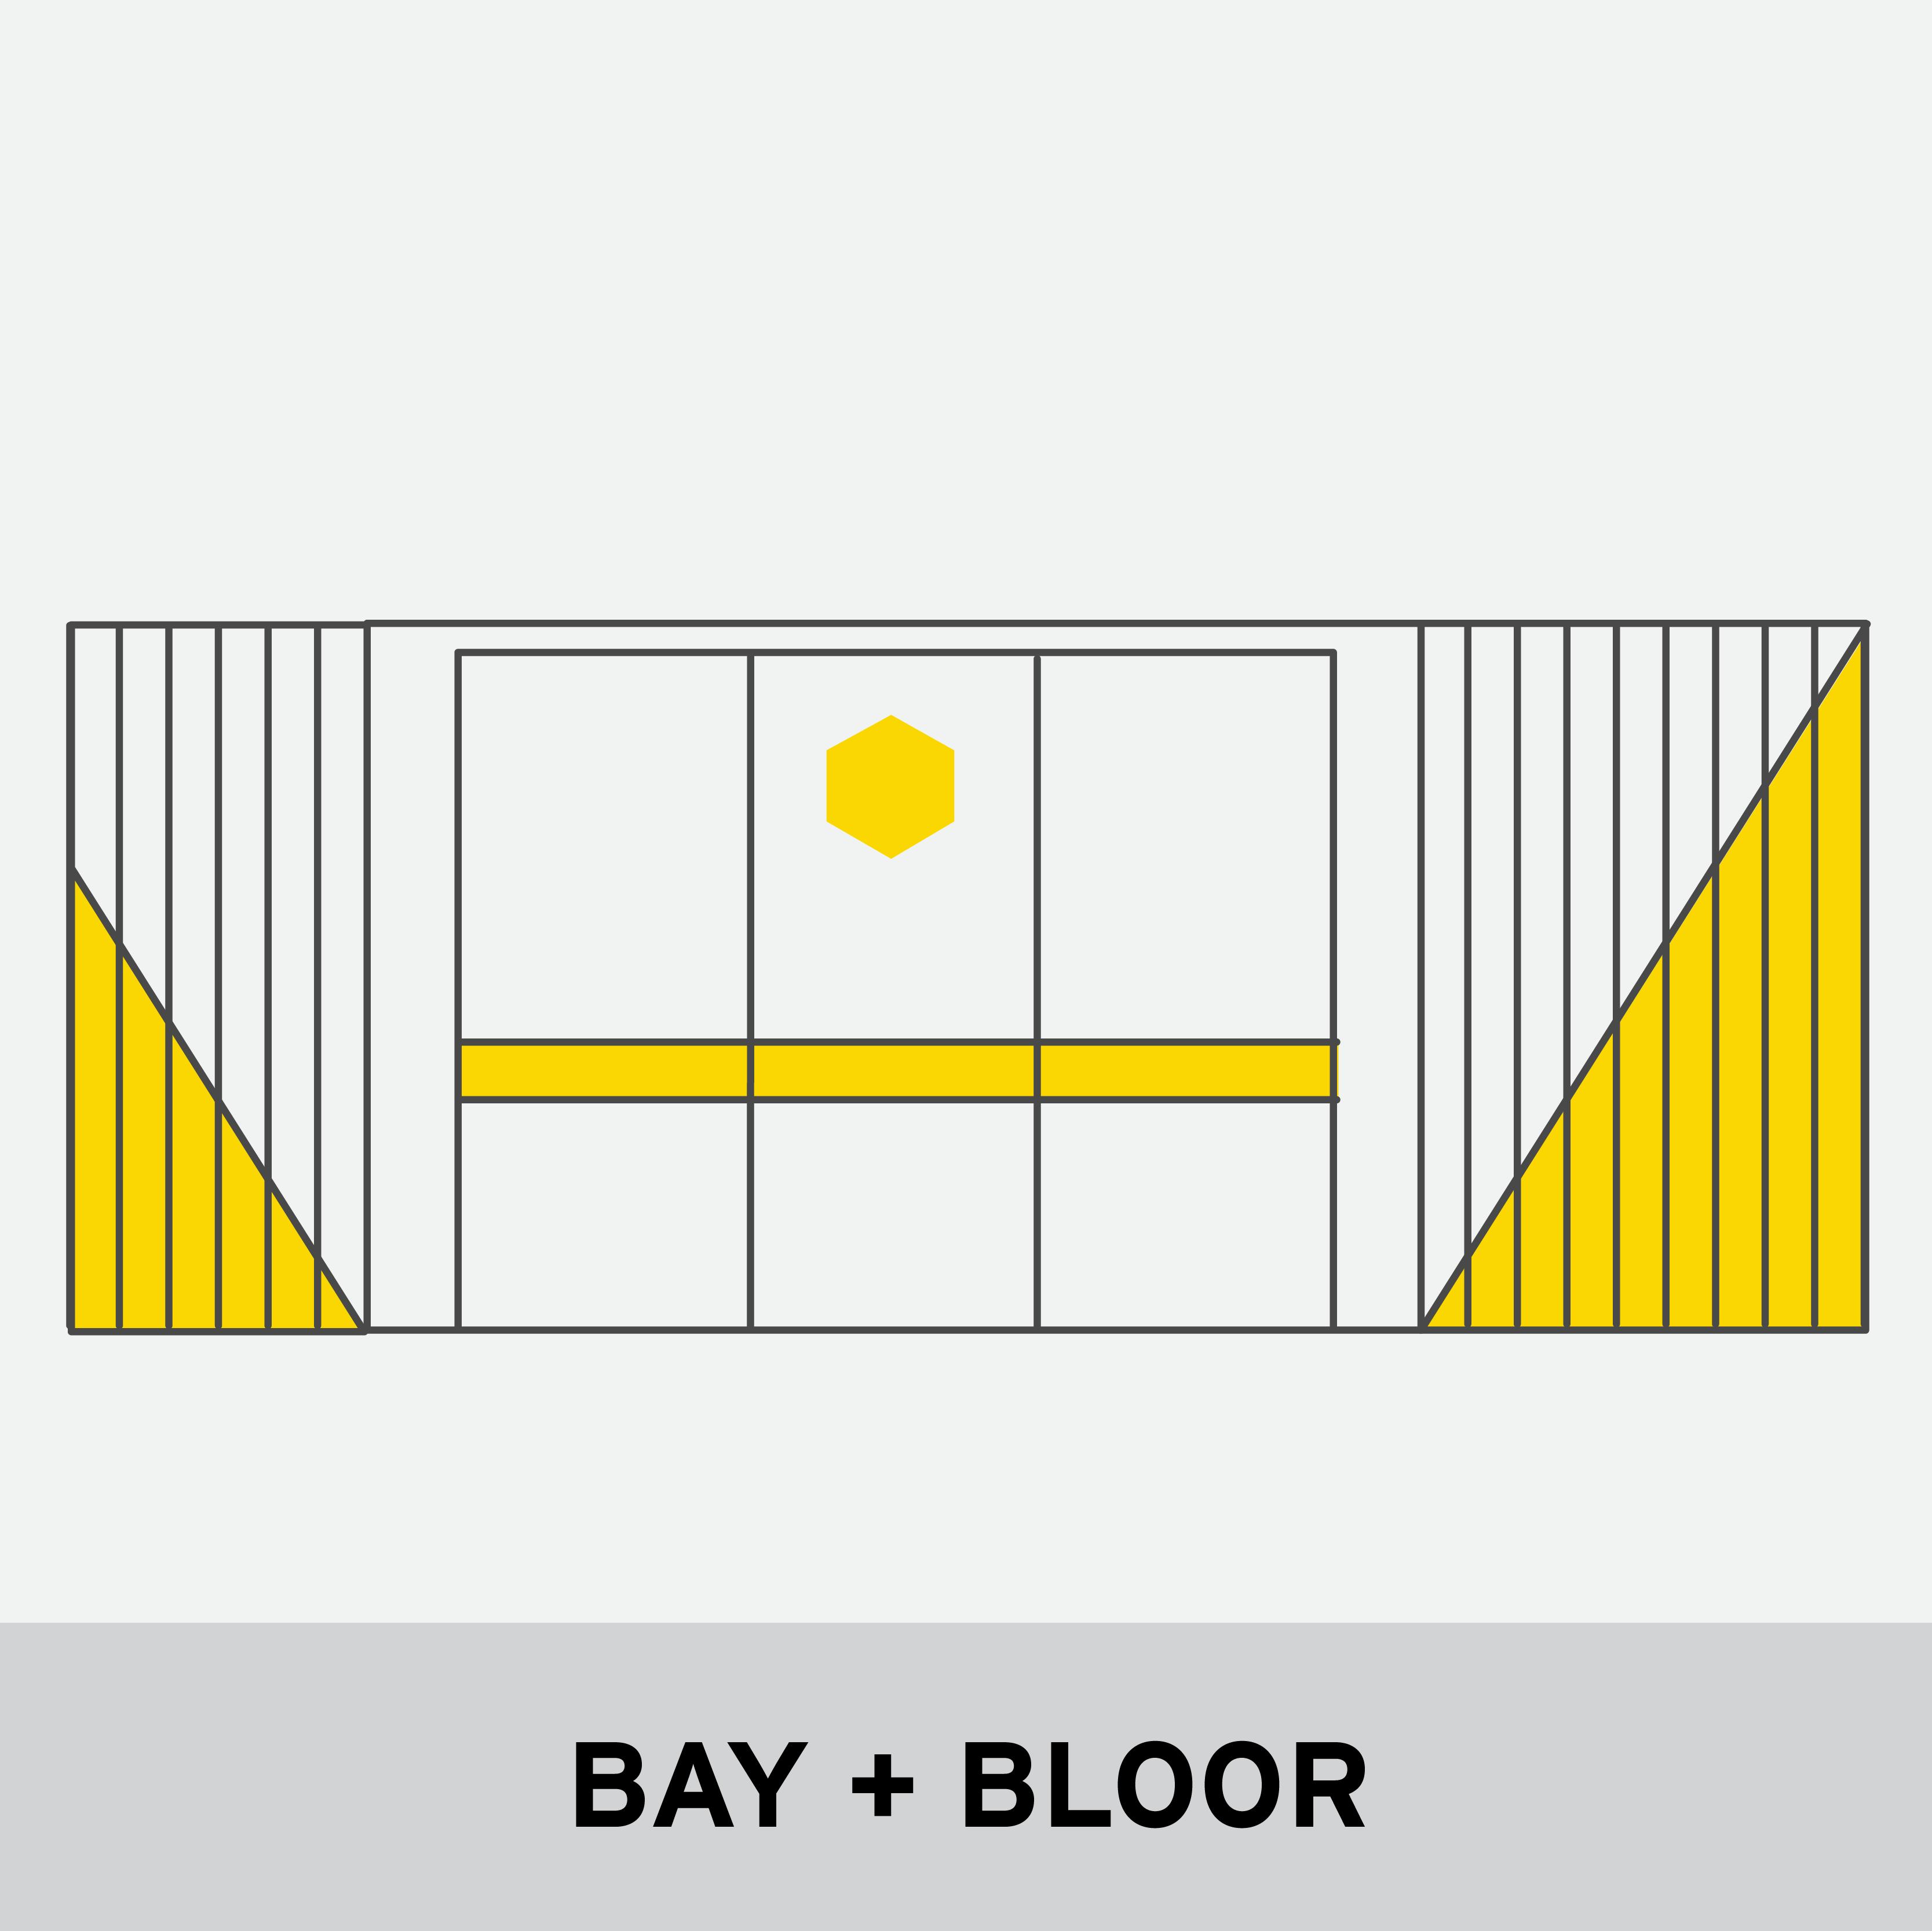 BAY + BLOOR